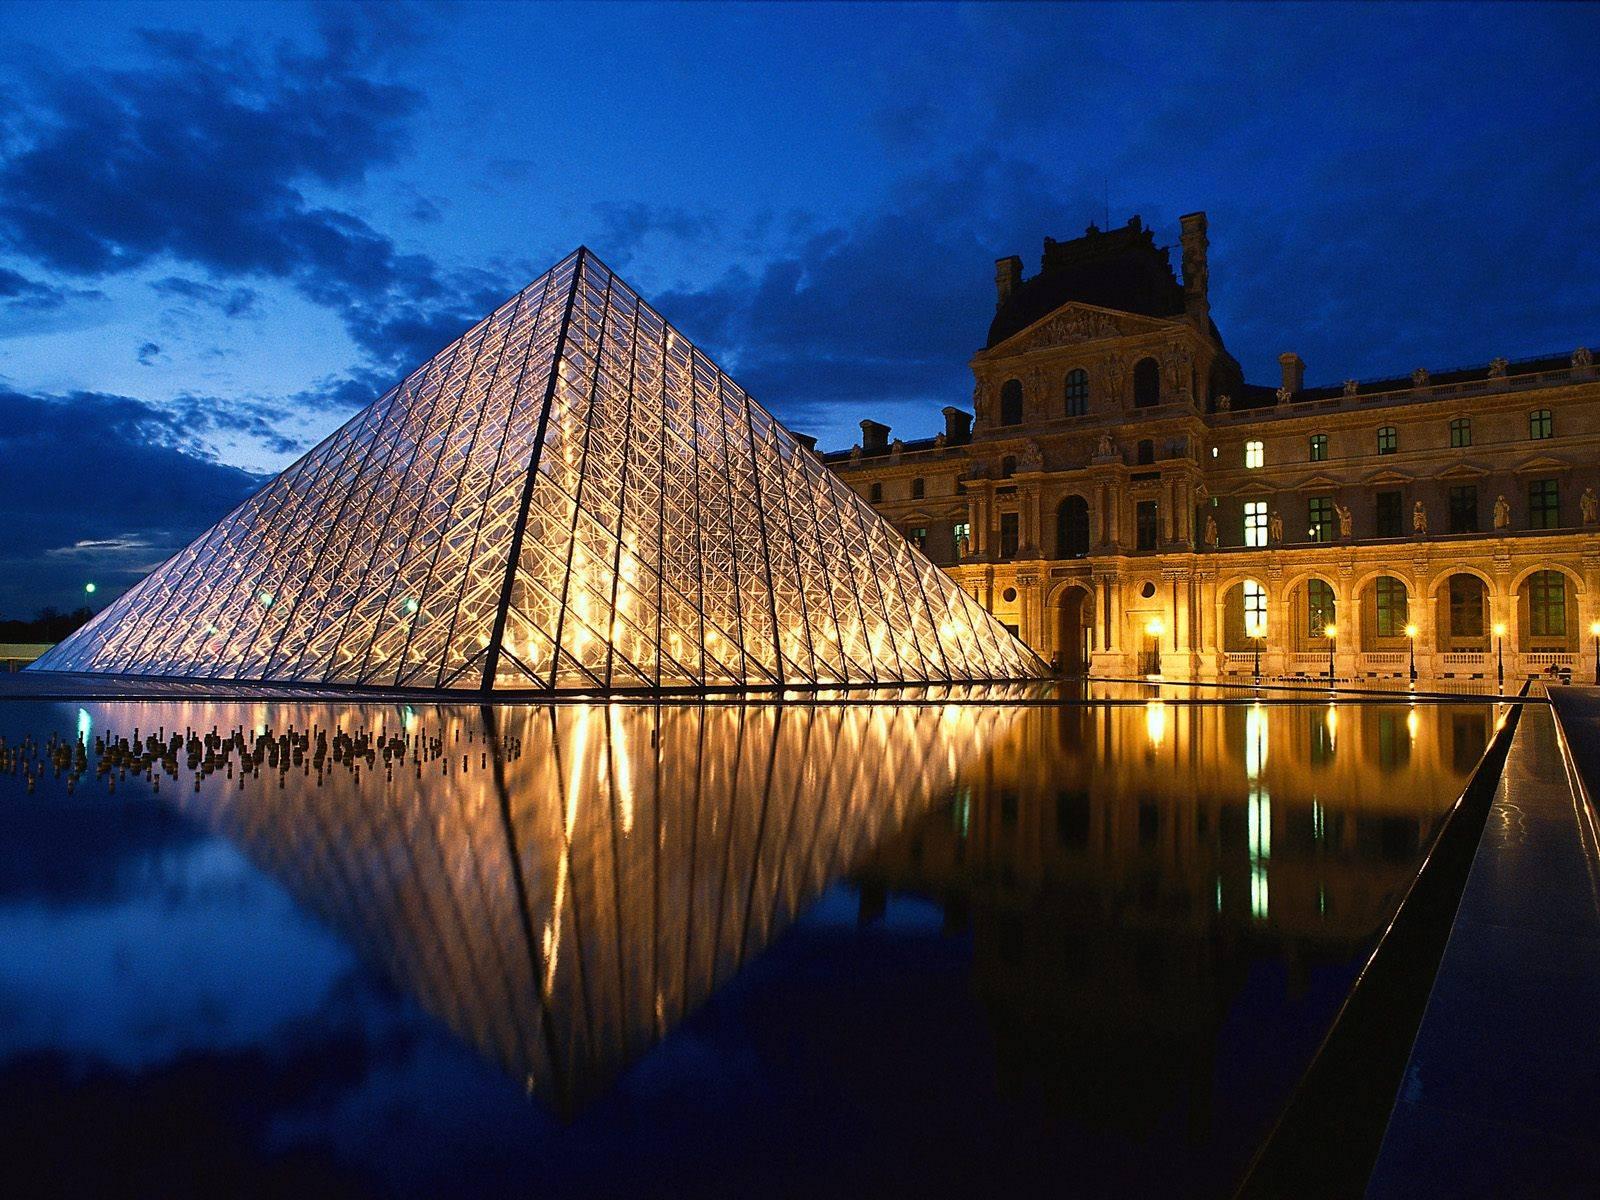 法国哥特式建筑